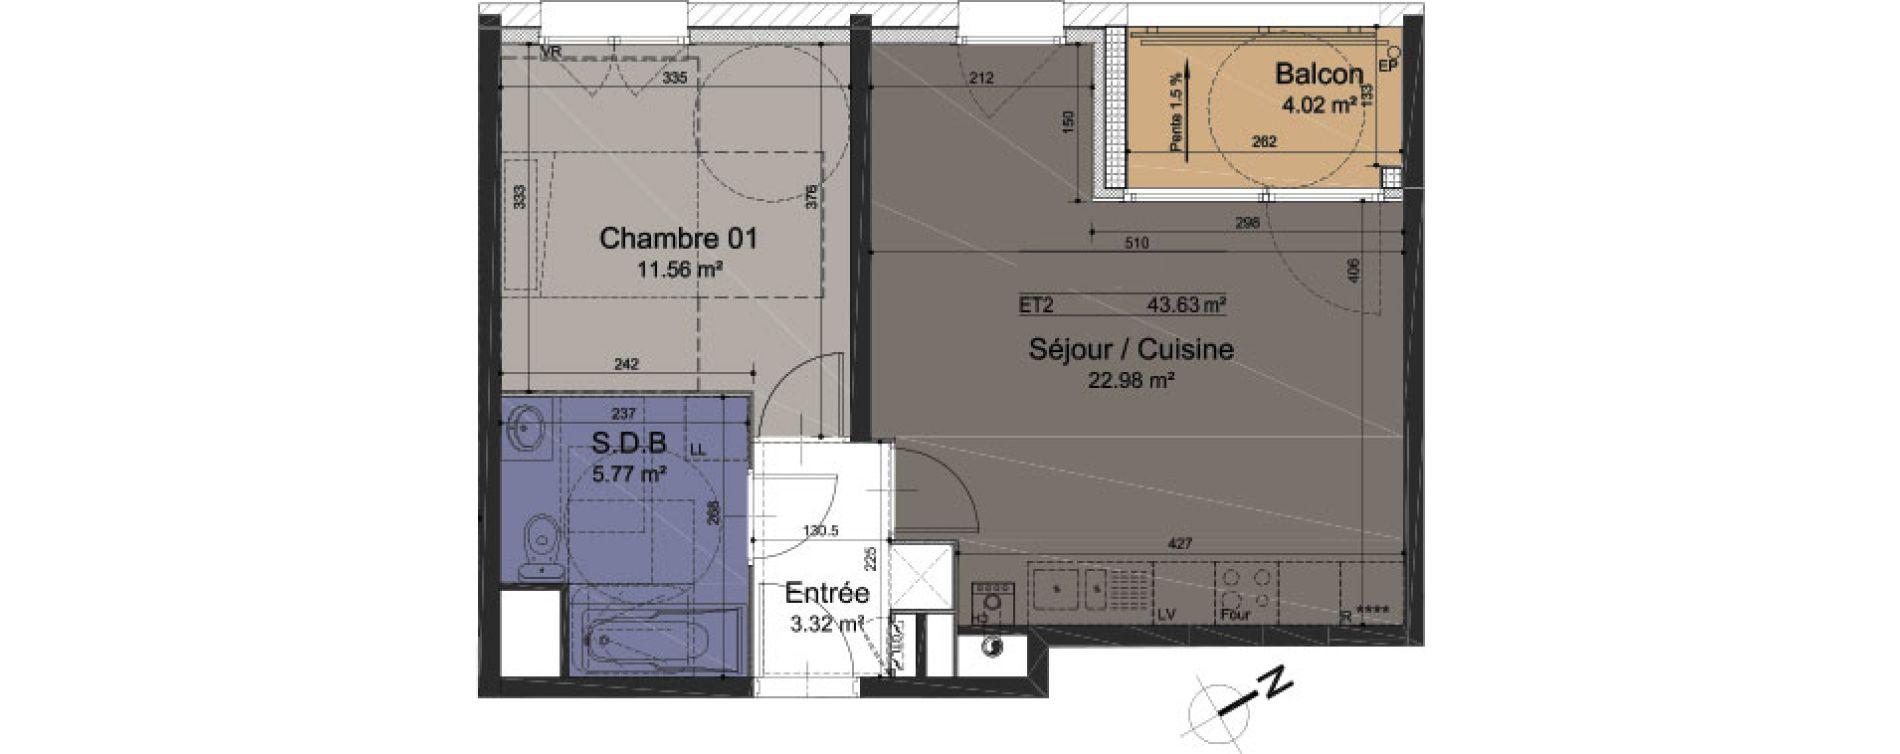 Appartement T2 de 43,63 m2 à Roubaix Roubaix vauban